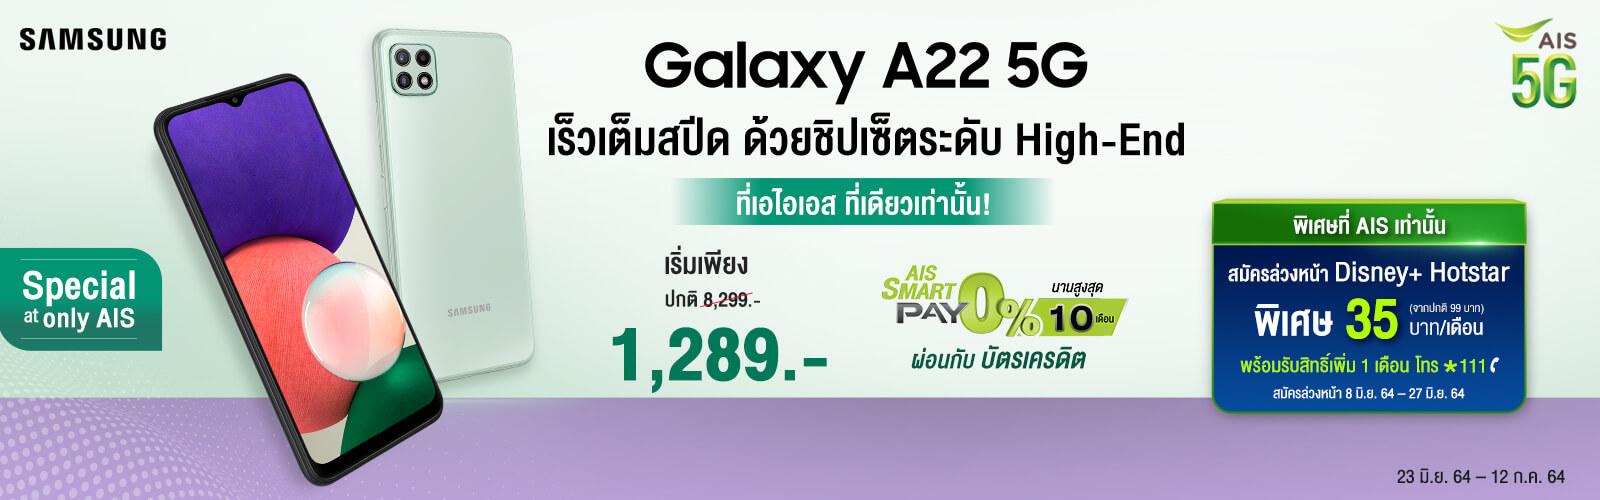 Samsung Galaxy A22 5G (8/128 GB)